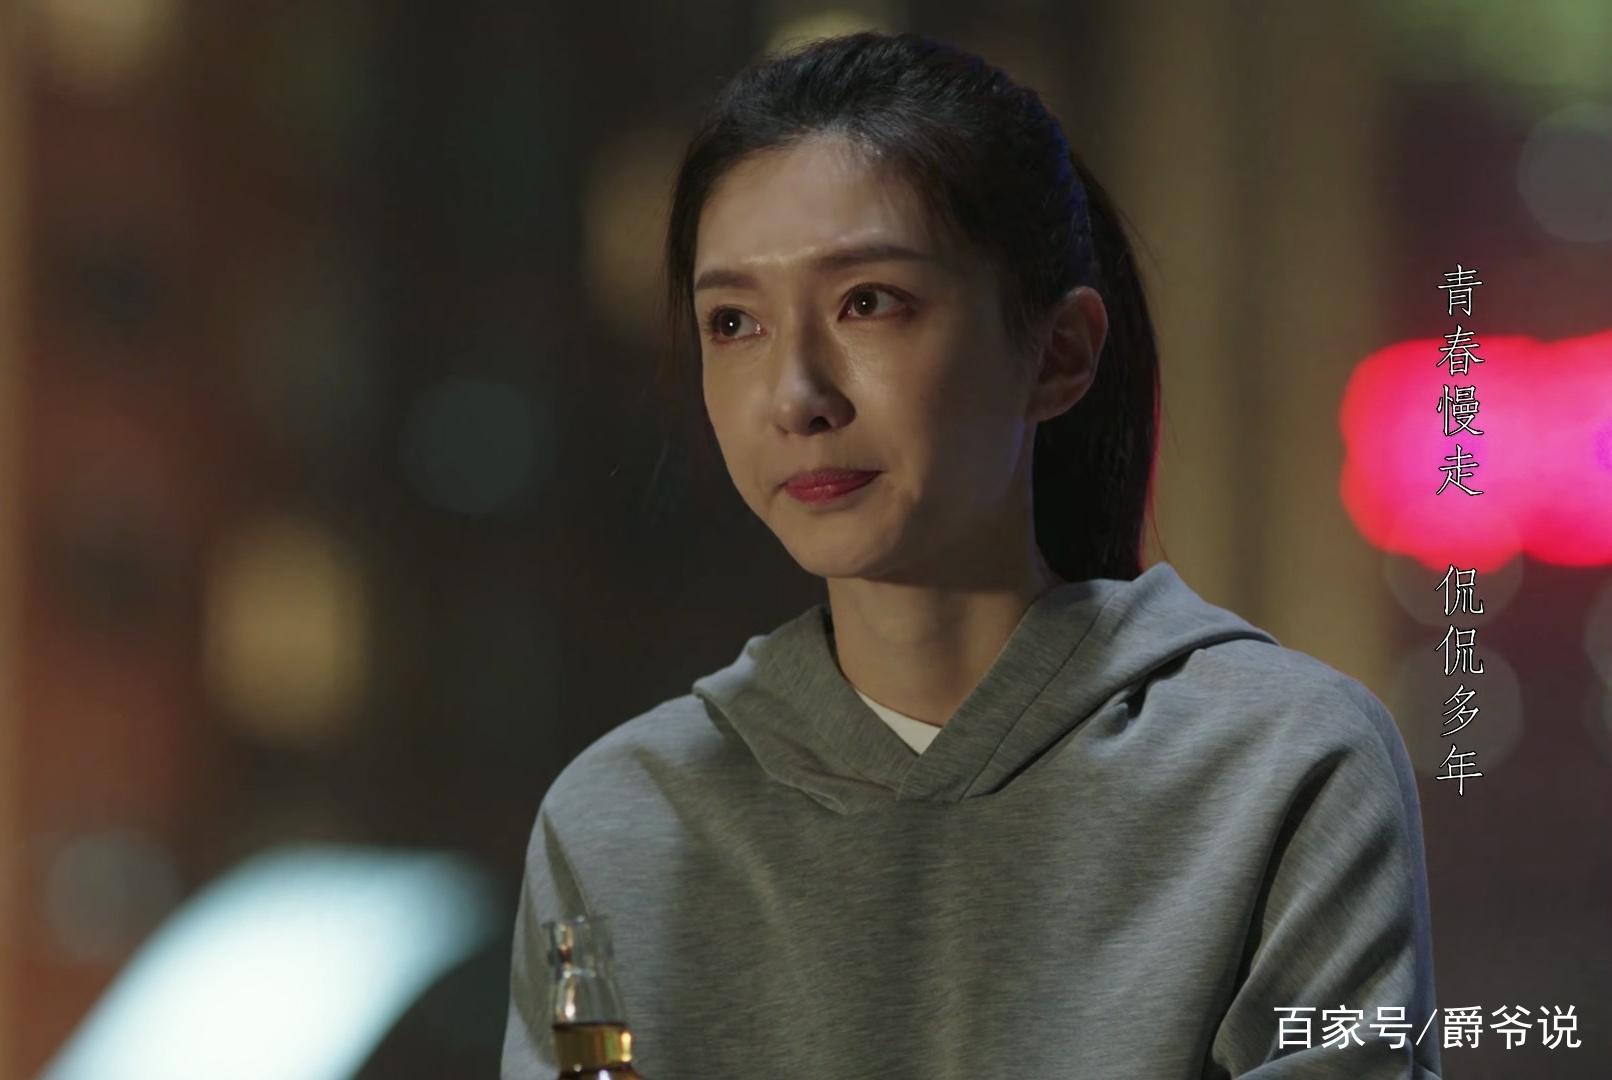 《三十而已》王漫妮不是遇人不淑,而是缺乏自信